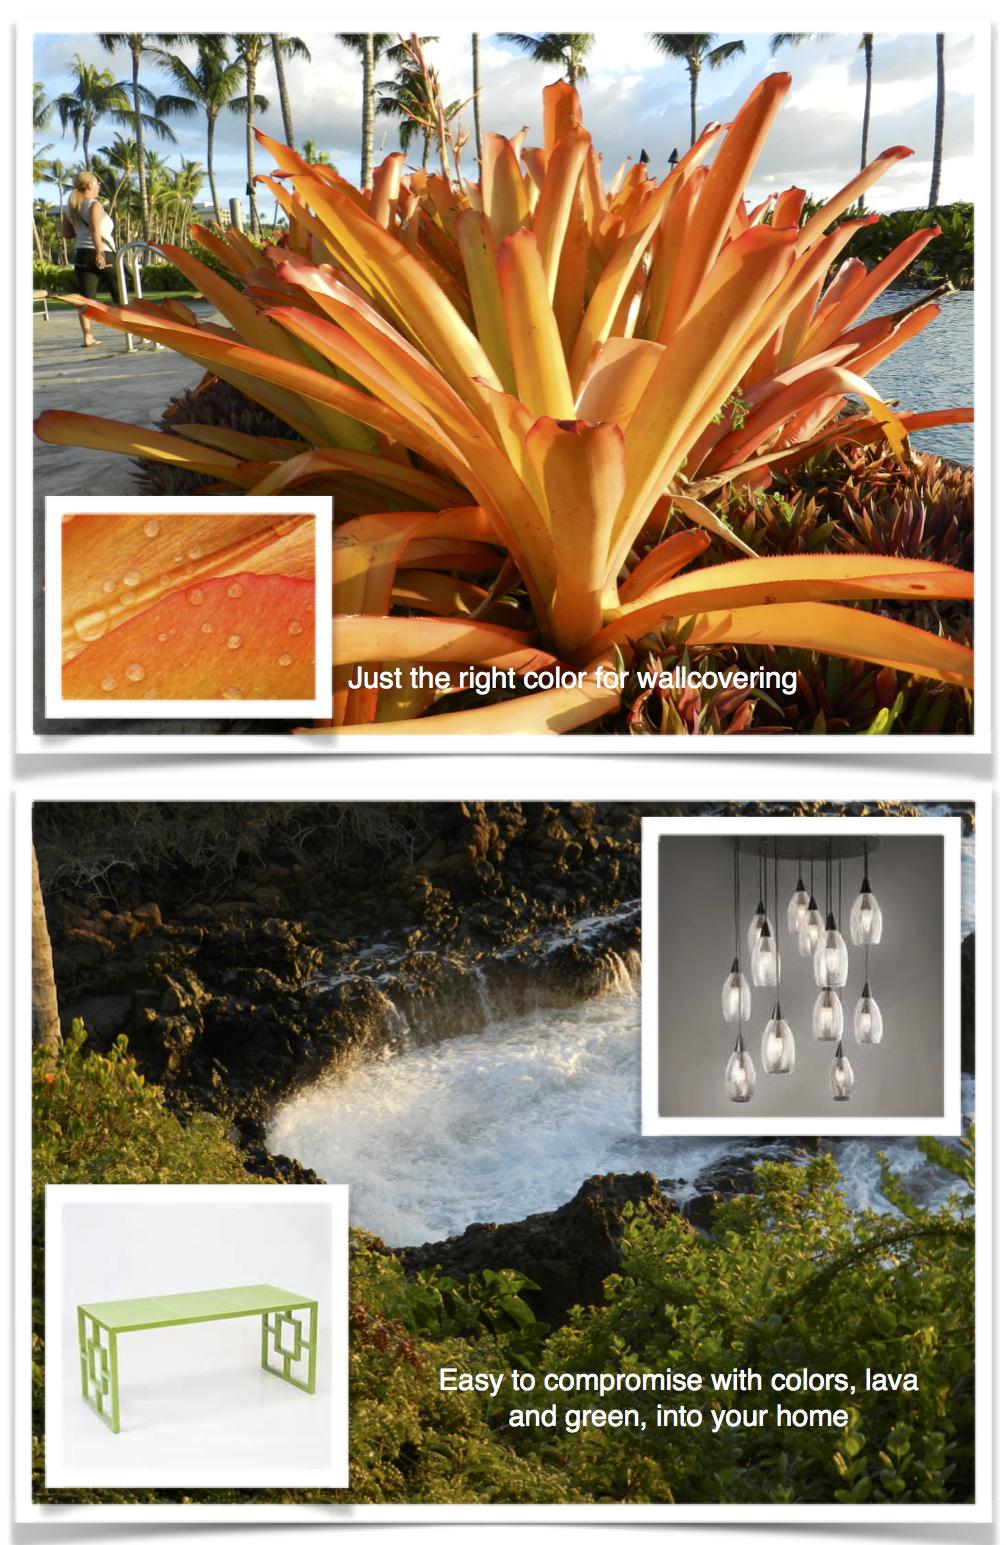 jeffrey design blog - Maui #3